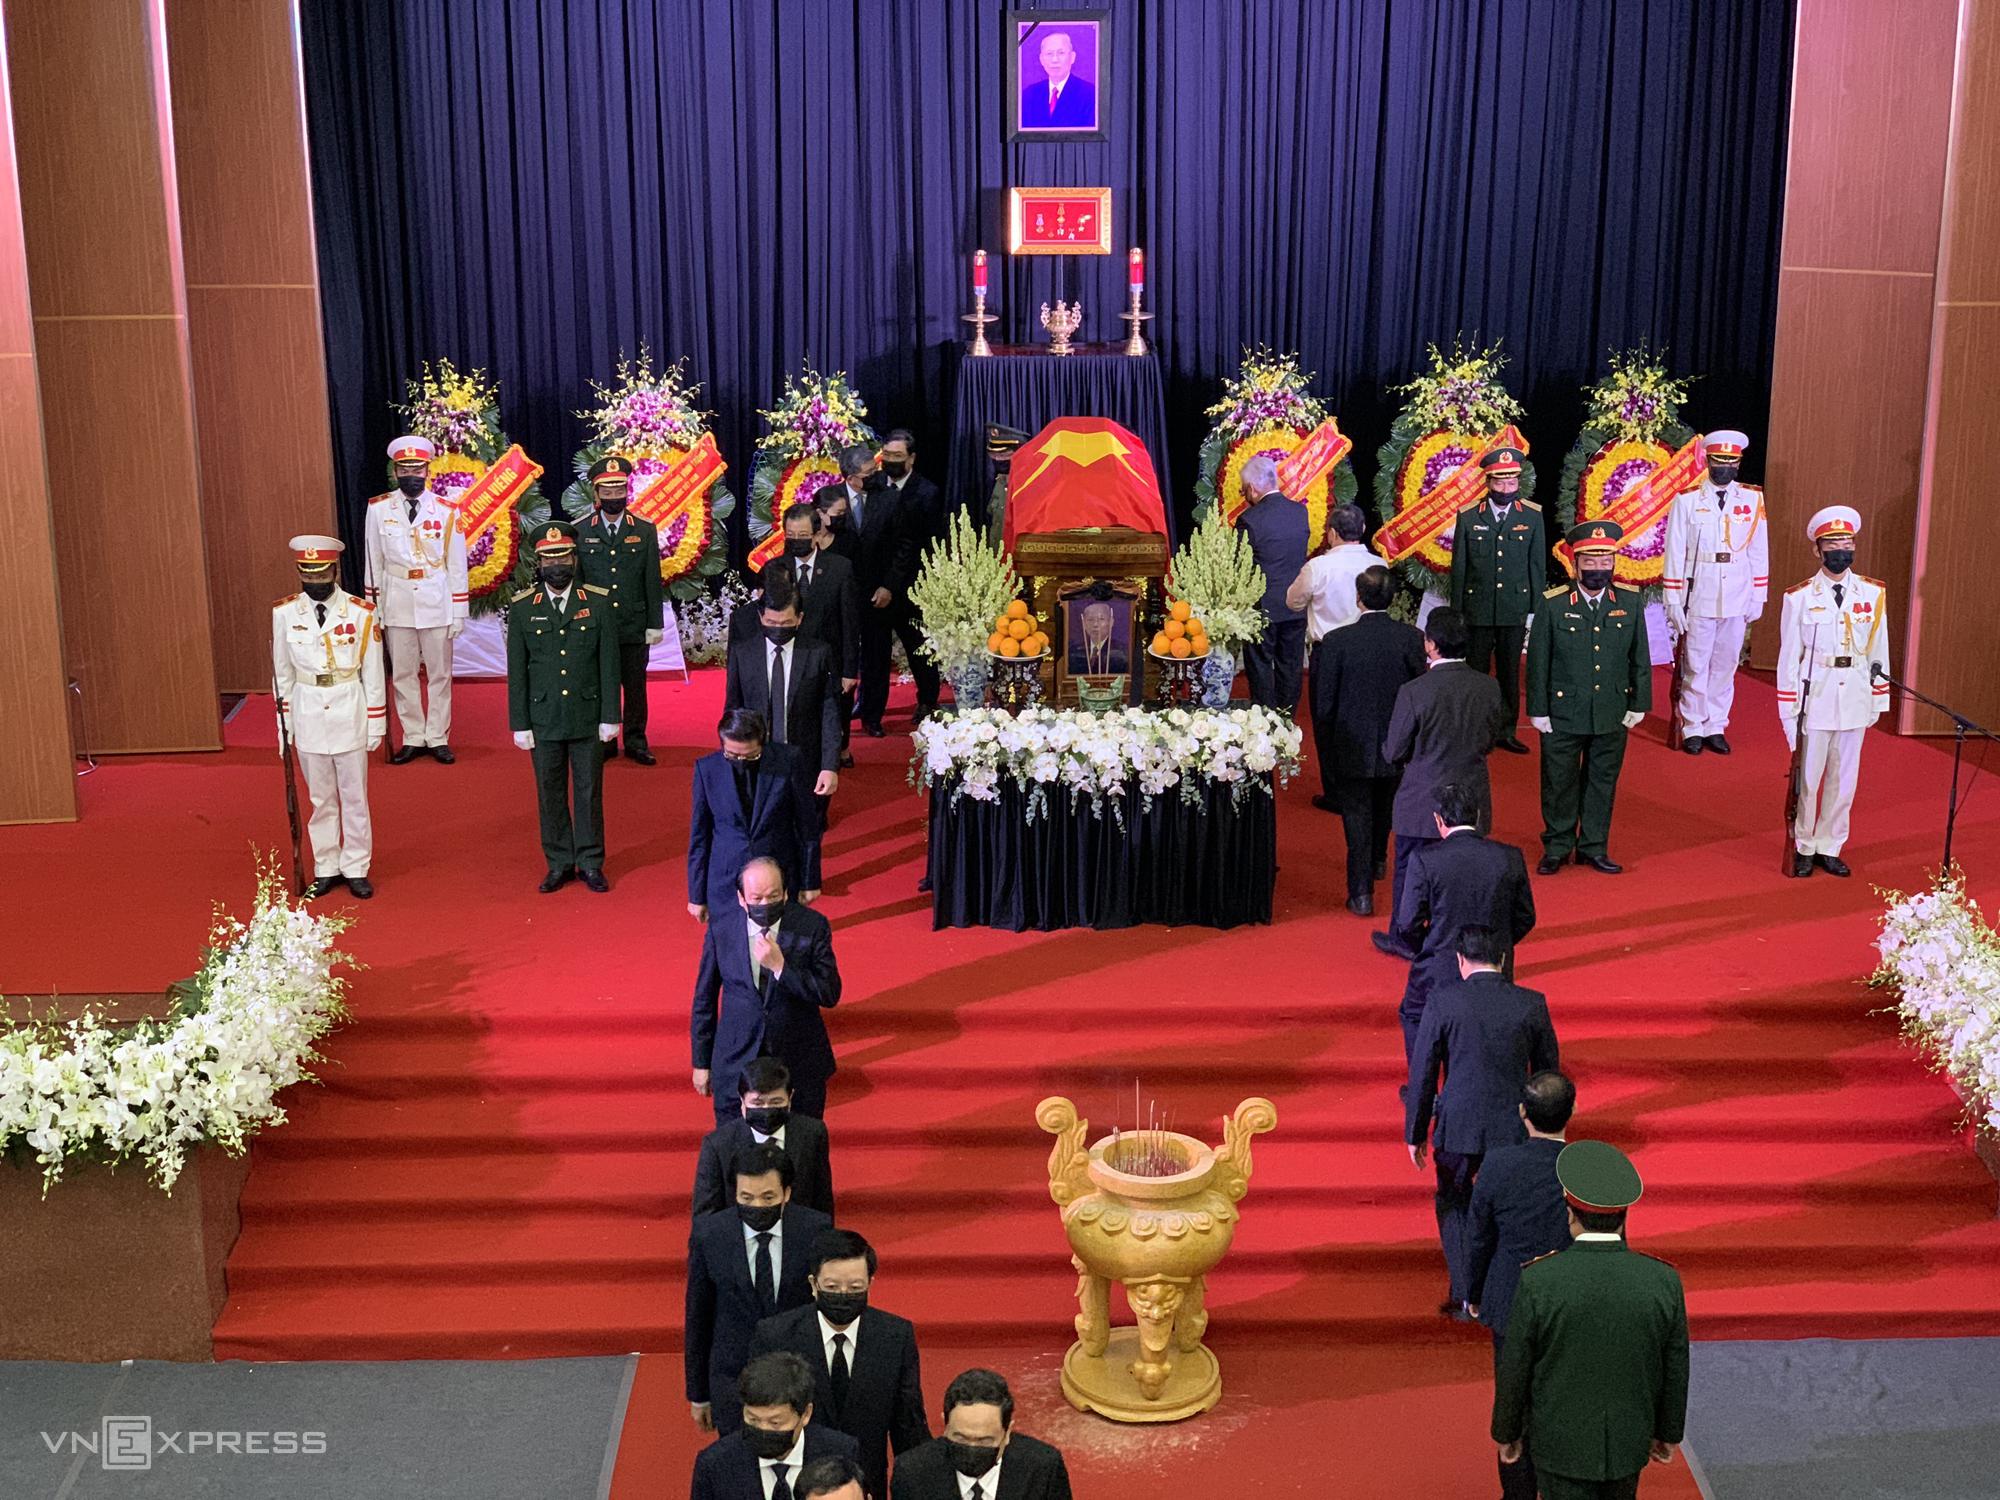 Ban tổ chức lễ tang thực hiện nghi thức lễ truy điệu nguyên Phó thủ tướng Trương Vĩnh Trọng. Ảnh: Quỳnh Trần